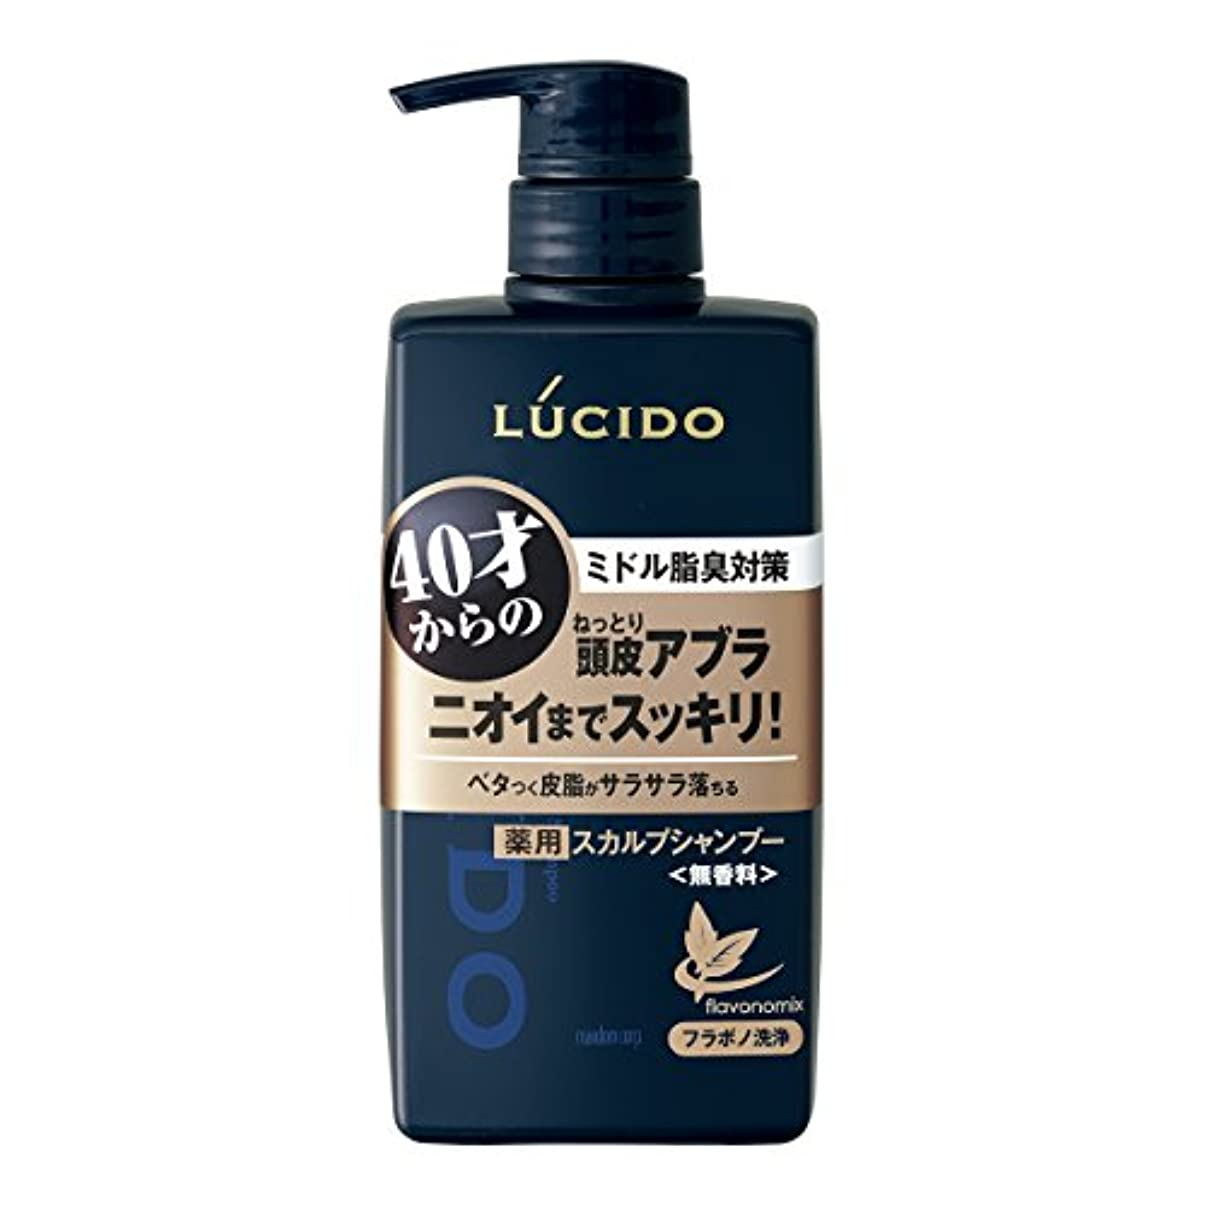 洋服リフト表向きルシード 薬用スカルプデオシャンプー 450mL (医薬部外品)